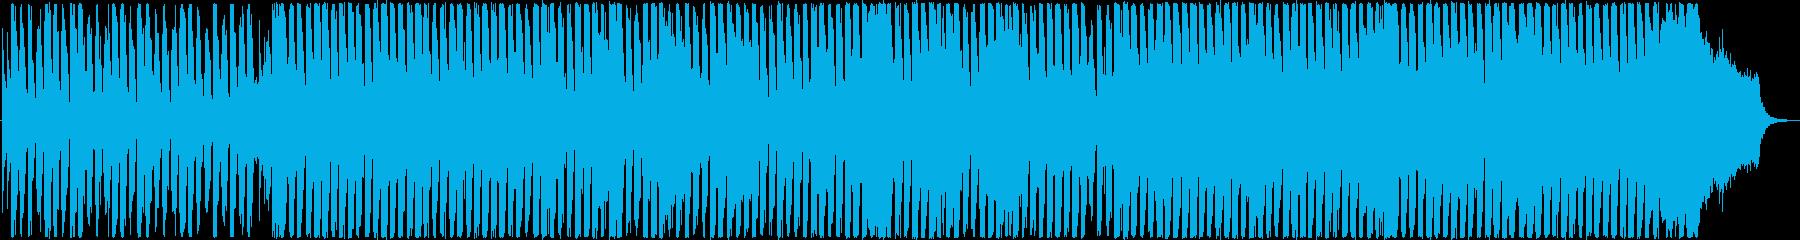 透明感あるピアノのメロディのEDMの再生済みの波形